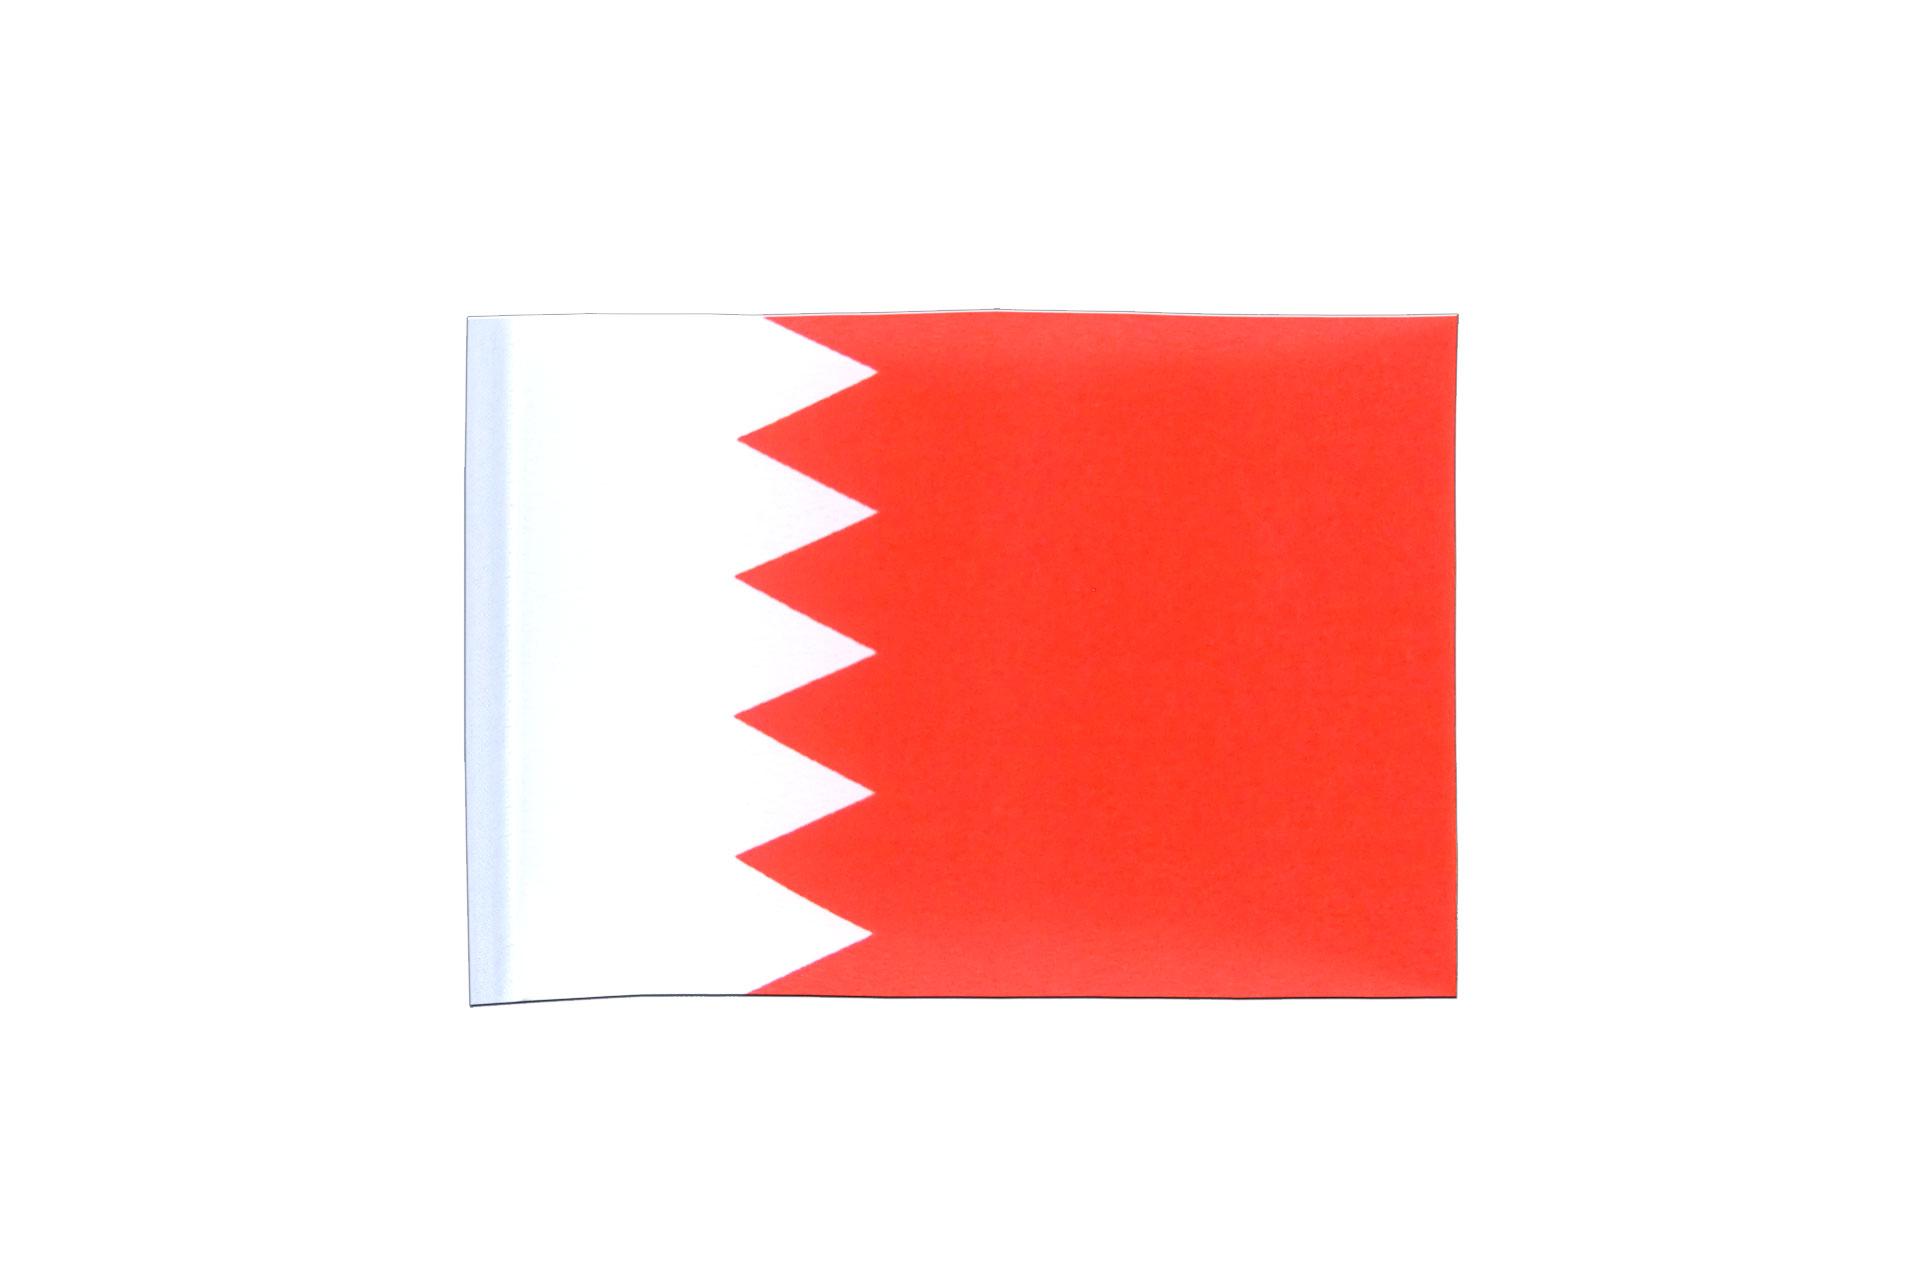 Mini Flag Bahrain X RoyalFlags - Bahrain flags